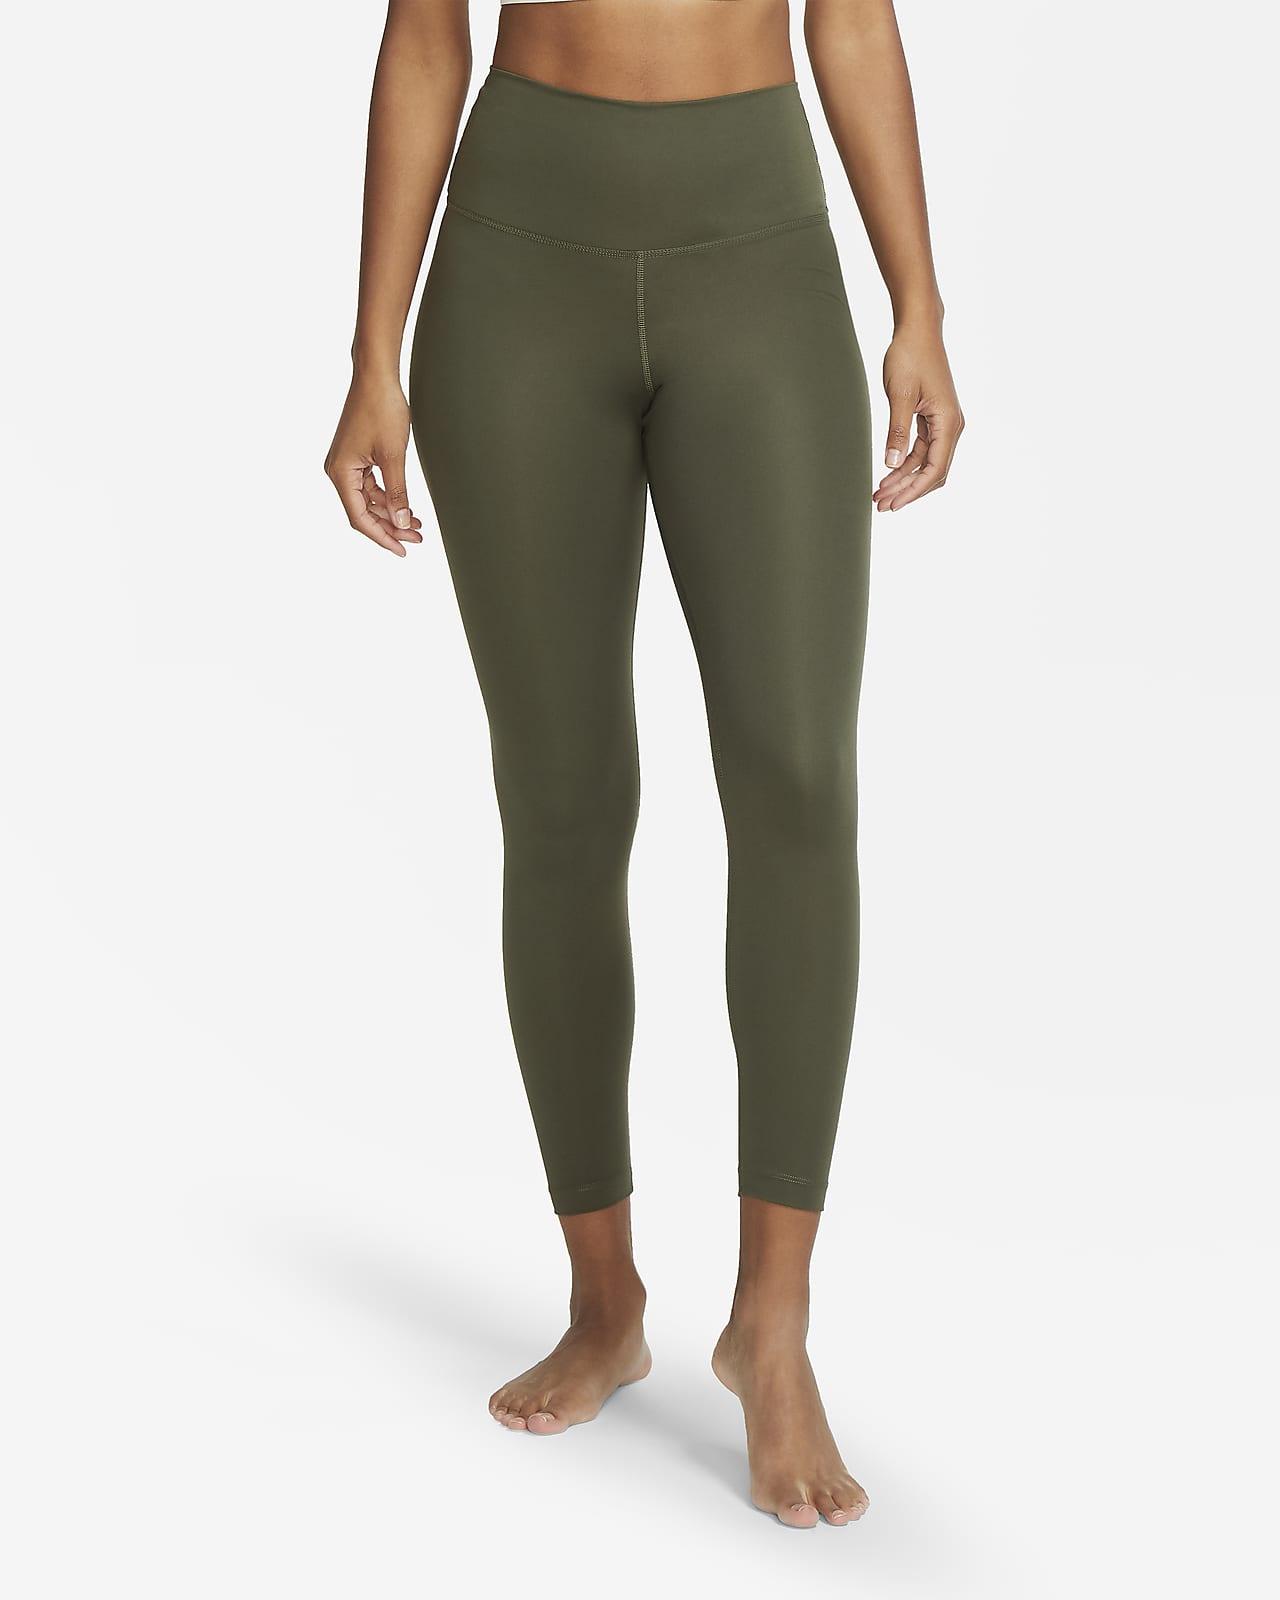 Nike Yoga Women's 7/8 Leggings